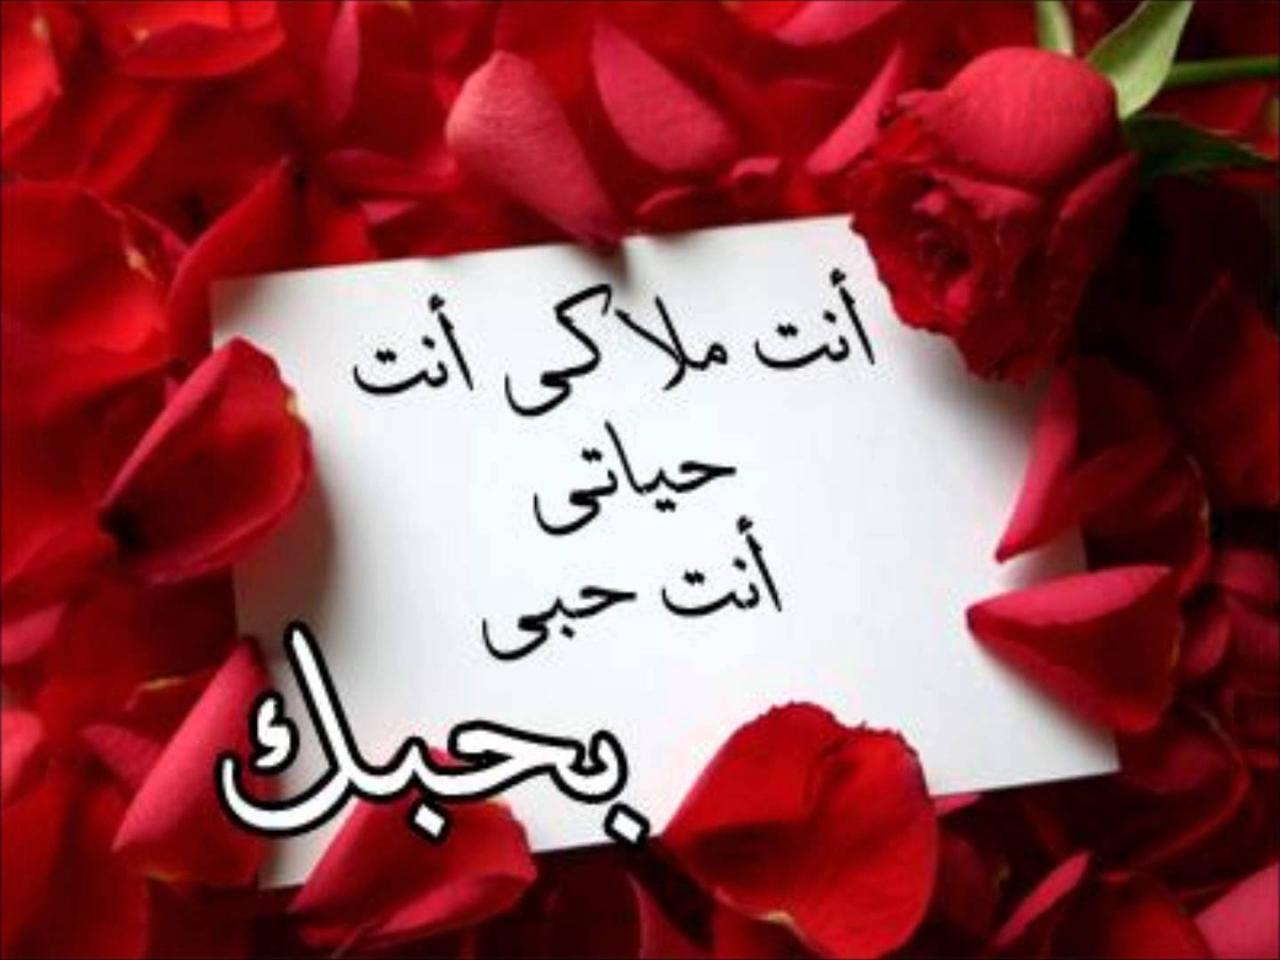 مسجات صباح الخير للزوج المخلص 20 رسالة رومانسية شيقة